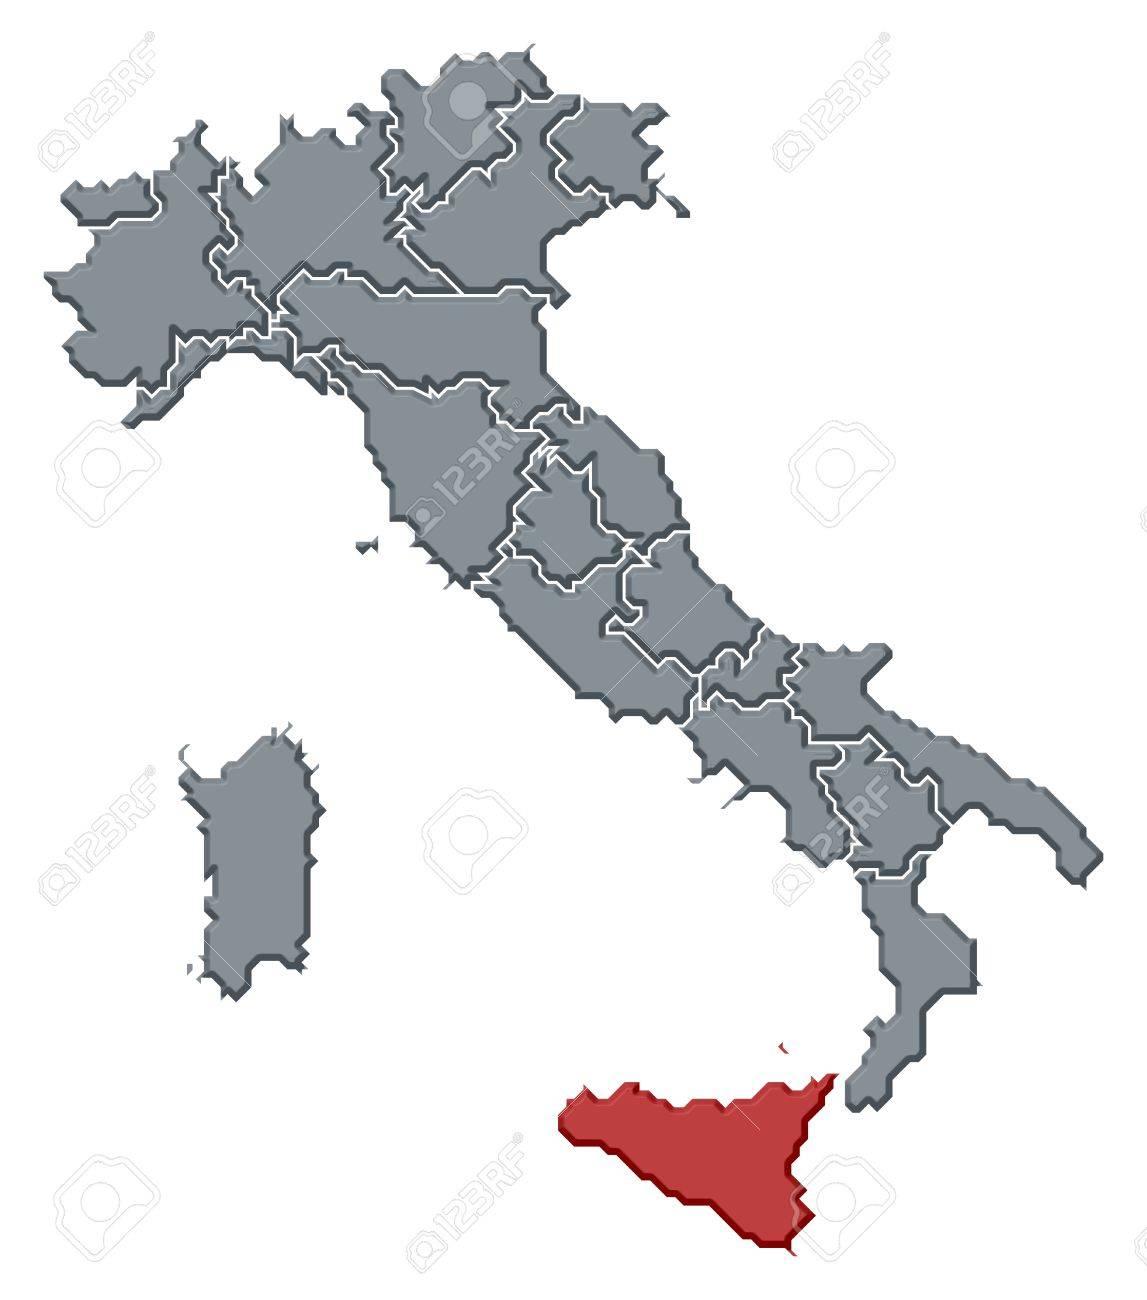 Regione Sicilia Cartina Politica.Immagini Stock Mappa Politica D Italia Con Le Varie Regioni In Cui E Evidenziato Sicilia Image 10826756